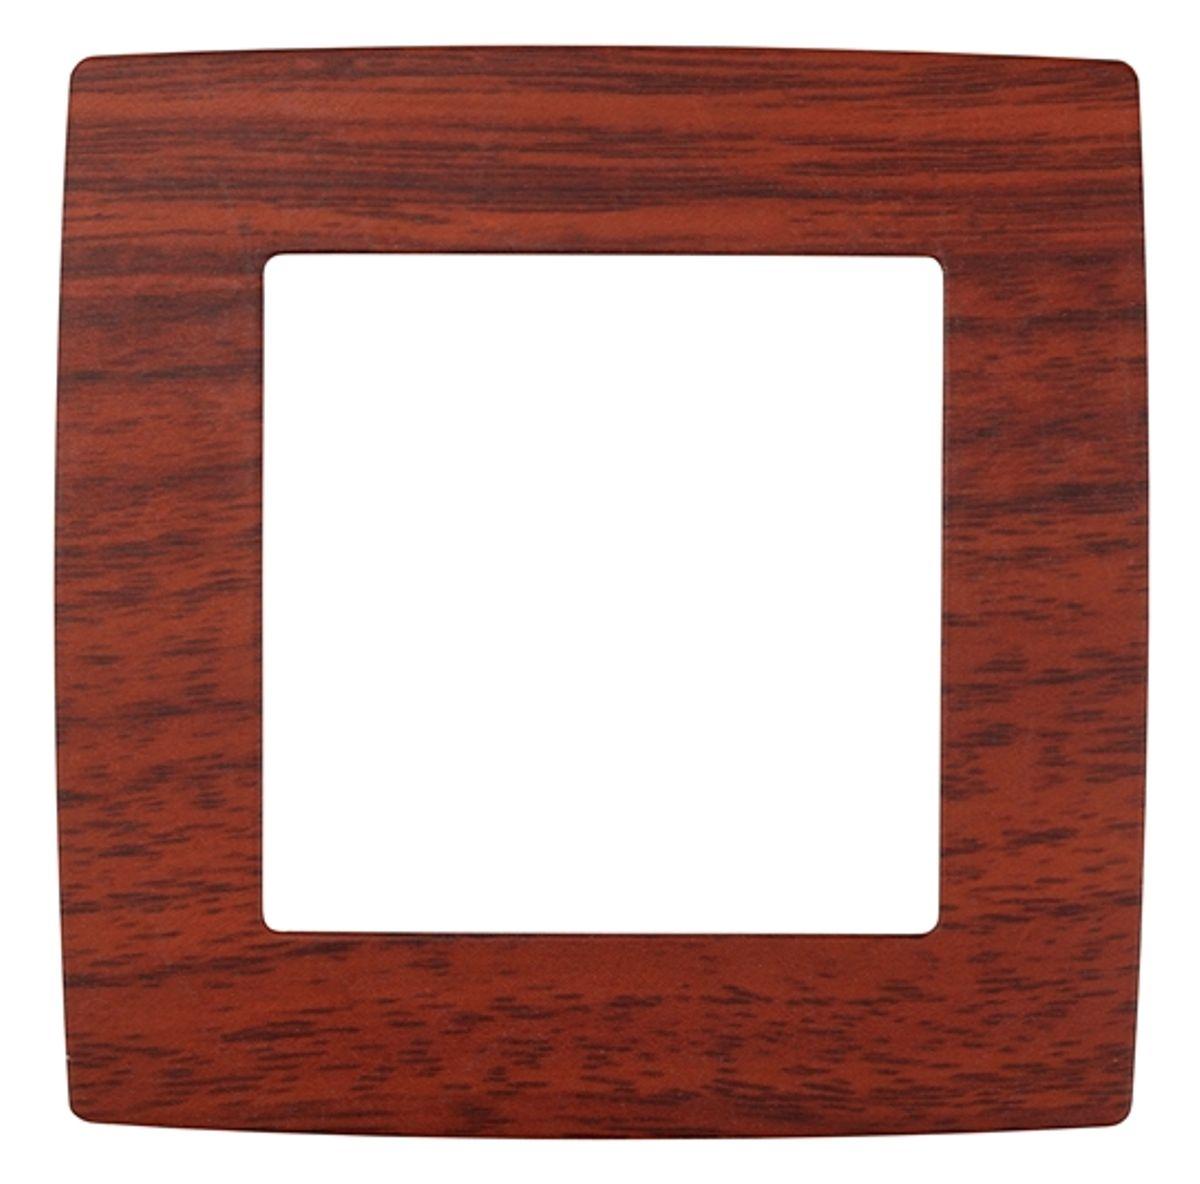 Рамка для встраиваемой розетки Эра, на 1 пост, цвет: вишня12-5001-08Рамка Эра выполнена из пластика и используется для окантовки встраиваемой розетки. Рамка отвечает основным требованиям безопасности и удобства монтажа. Современный дизайн и элегантная цветовая гамма подойдут к любому интерьеру. Размер рамки: 8 х 8 х 1 см.